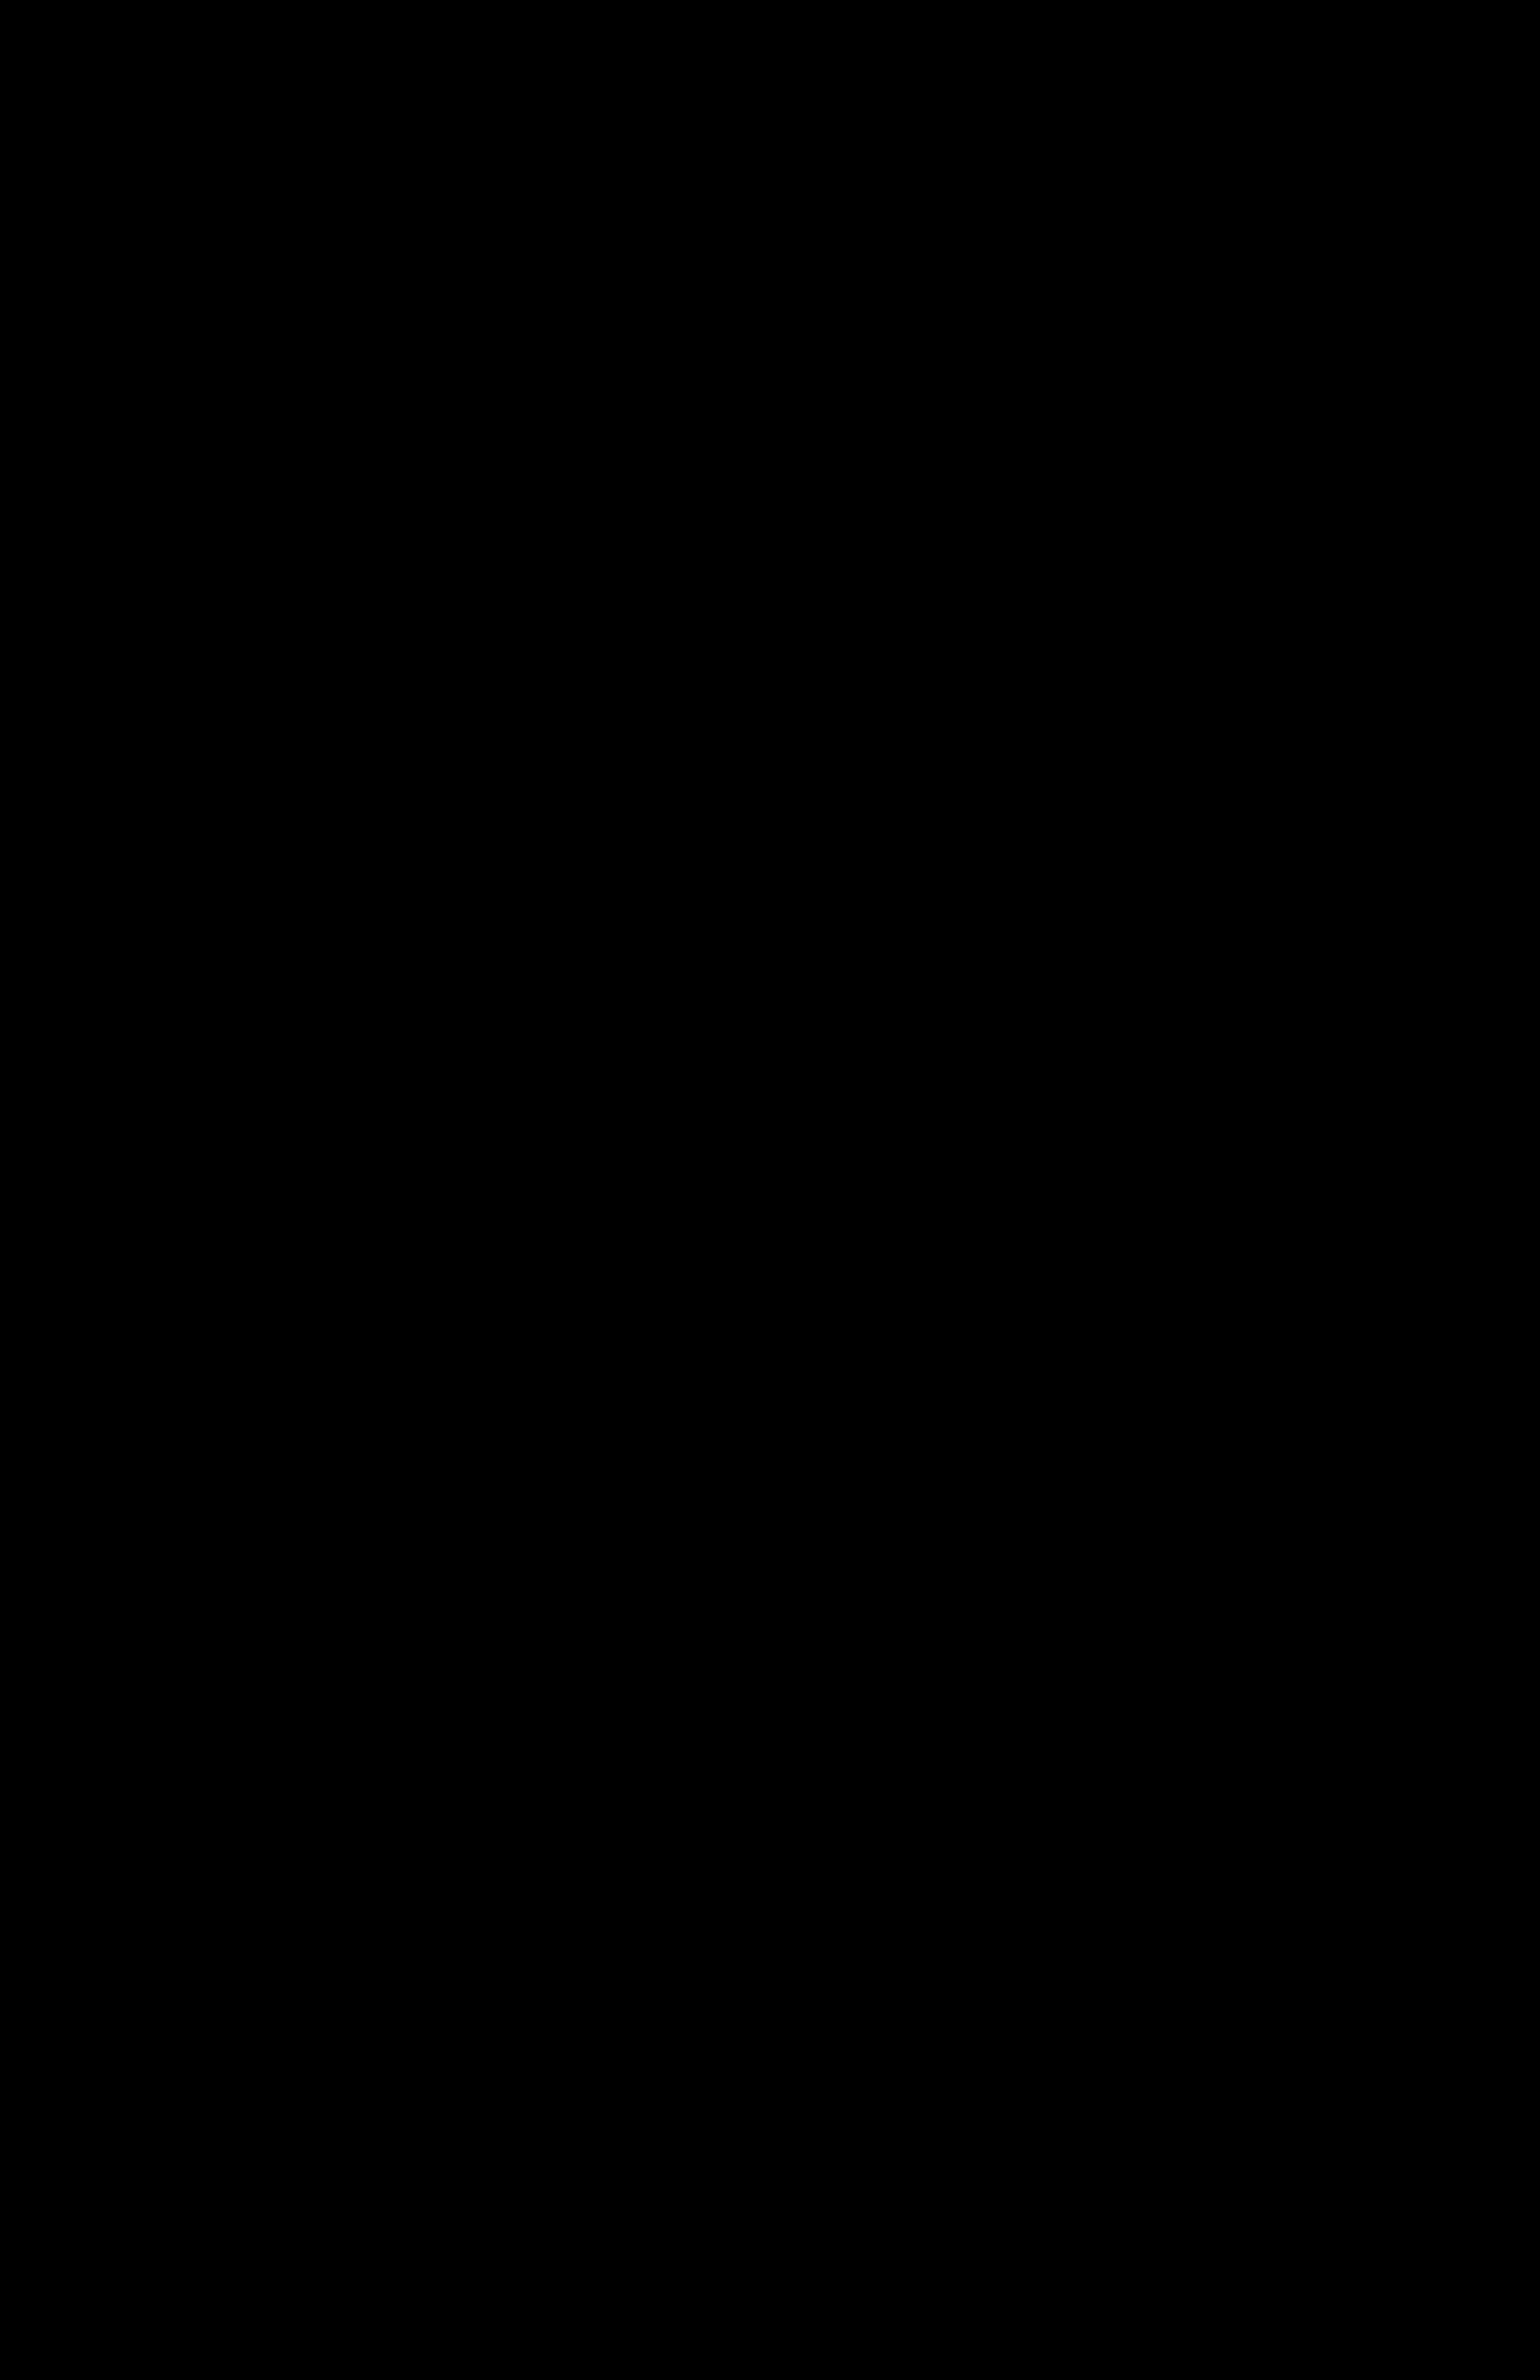 Saint Joseph Summit Sept. 30 - Oct. 3